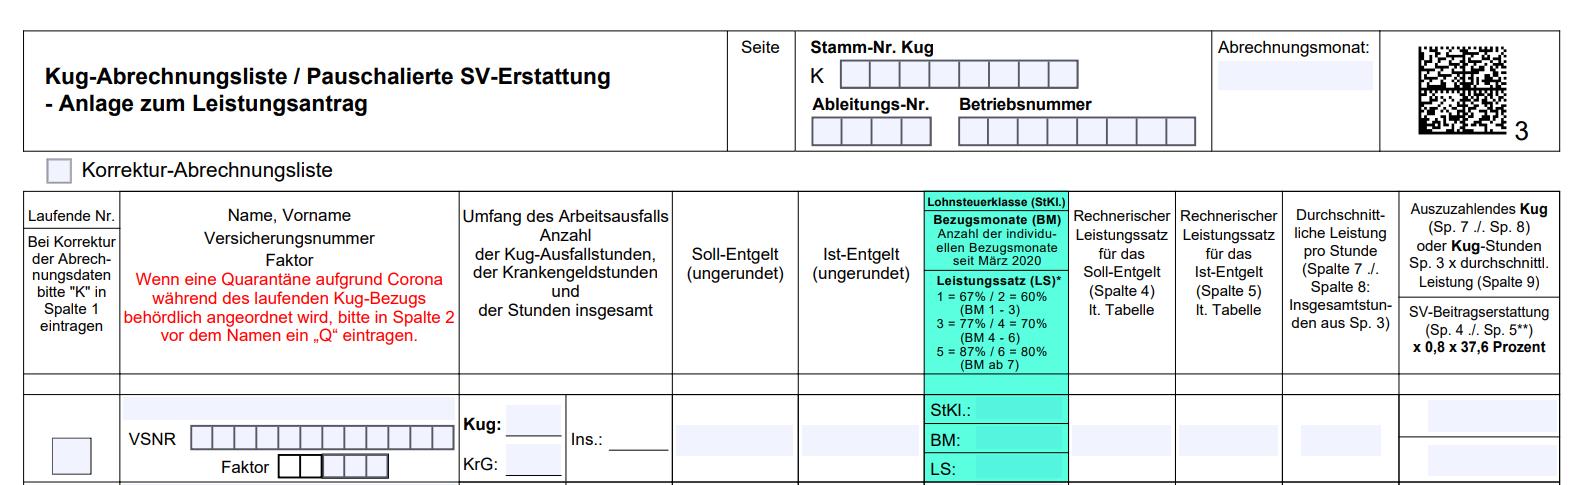 Gestaffelte Erhöhung des Kurzarbeitergeldes in Spalte 6 der KUG-Abrechnungsliste (Formular KUG108)